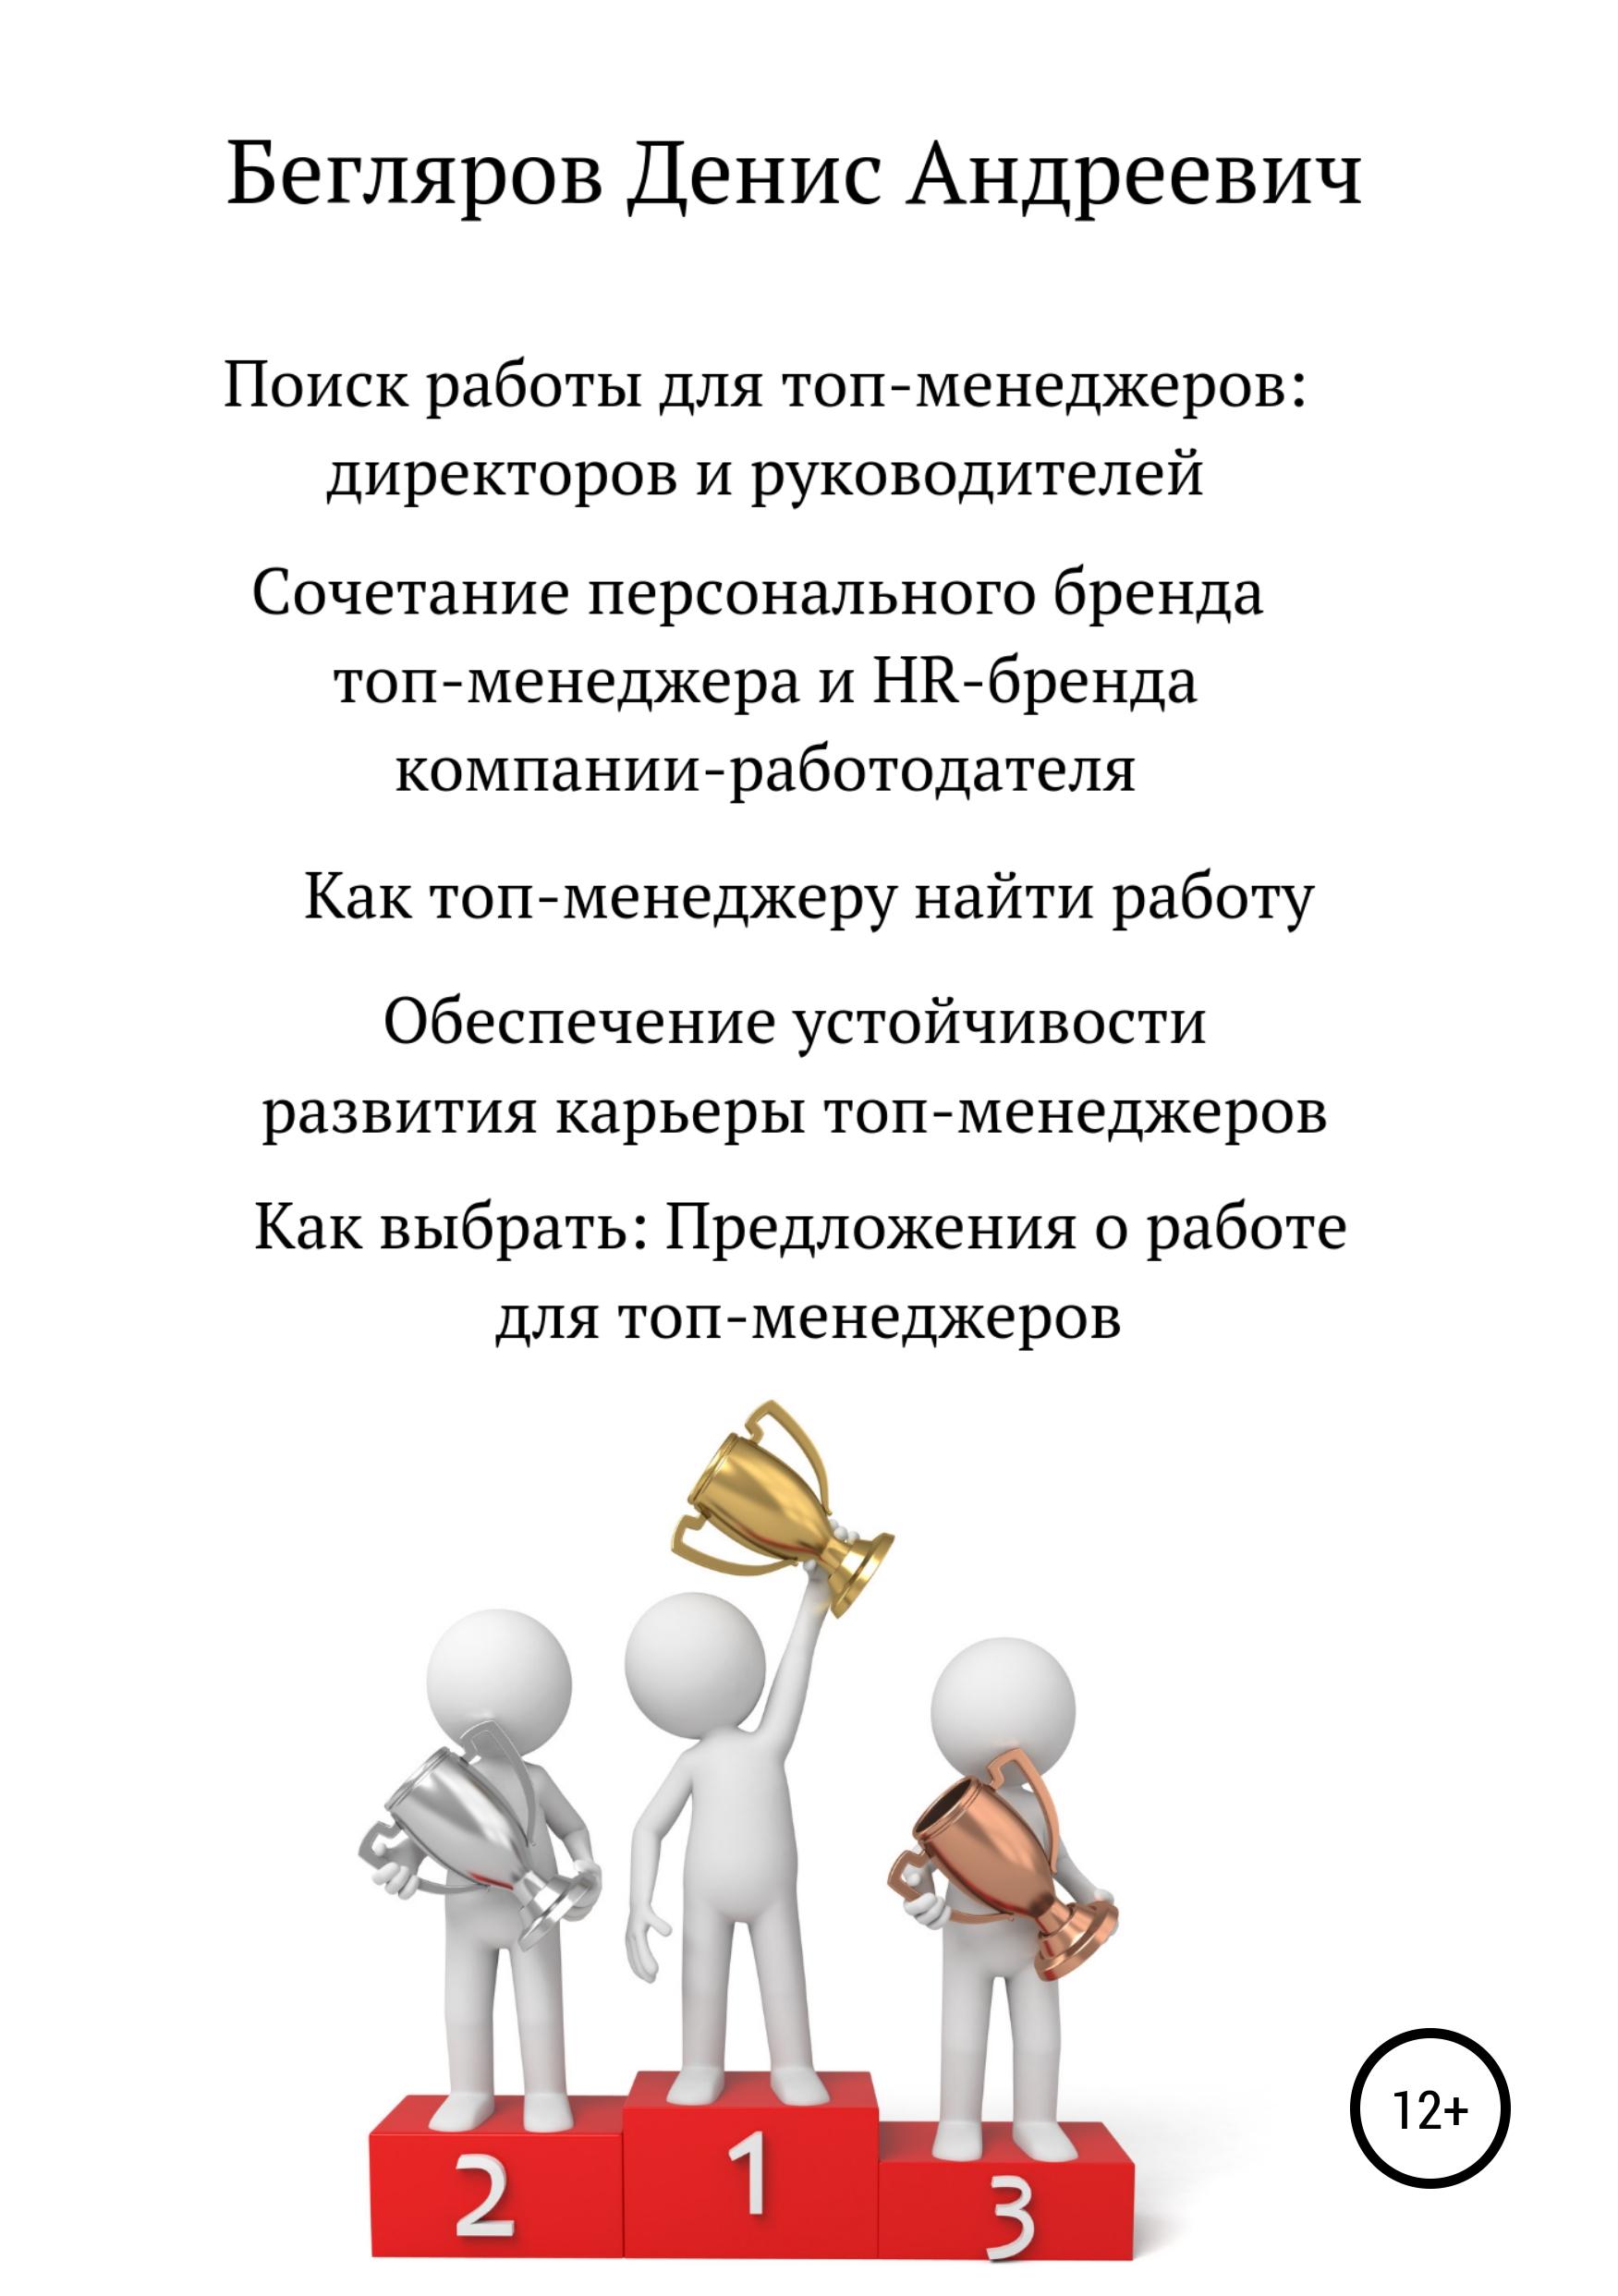 Денис Андреевич Бегляров Поиск работы для топ-менеджеров: директоров и руководителей игорь липсиц маркетинг для топ менеджеров 70 лучших идей для вашего бизнеса